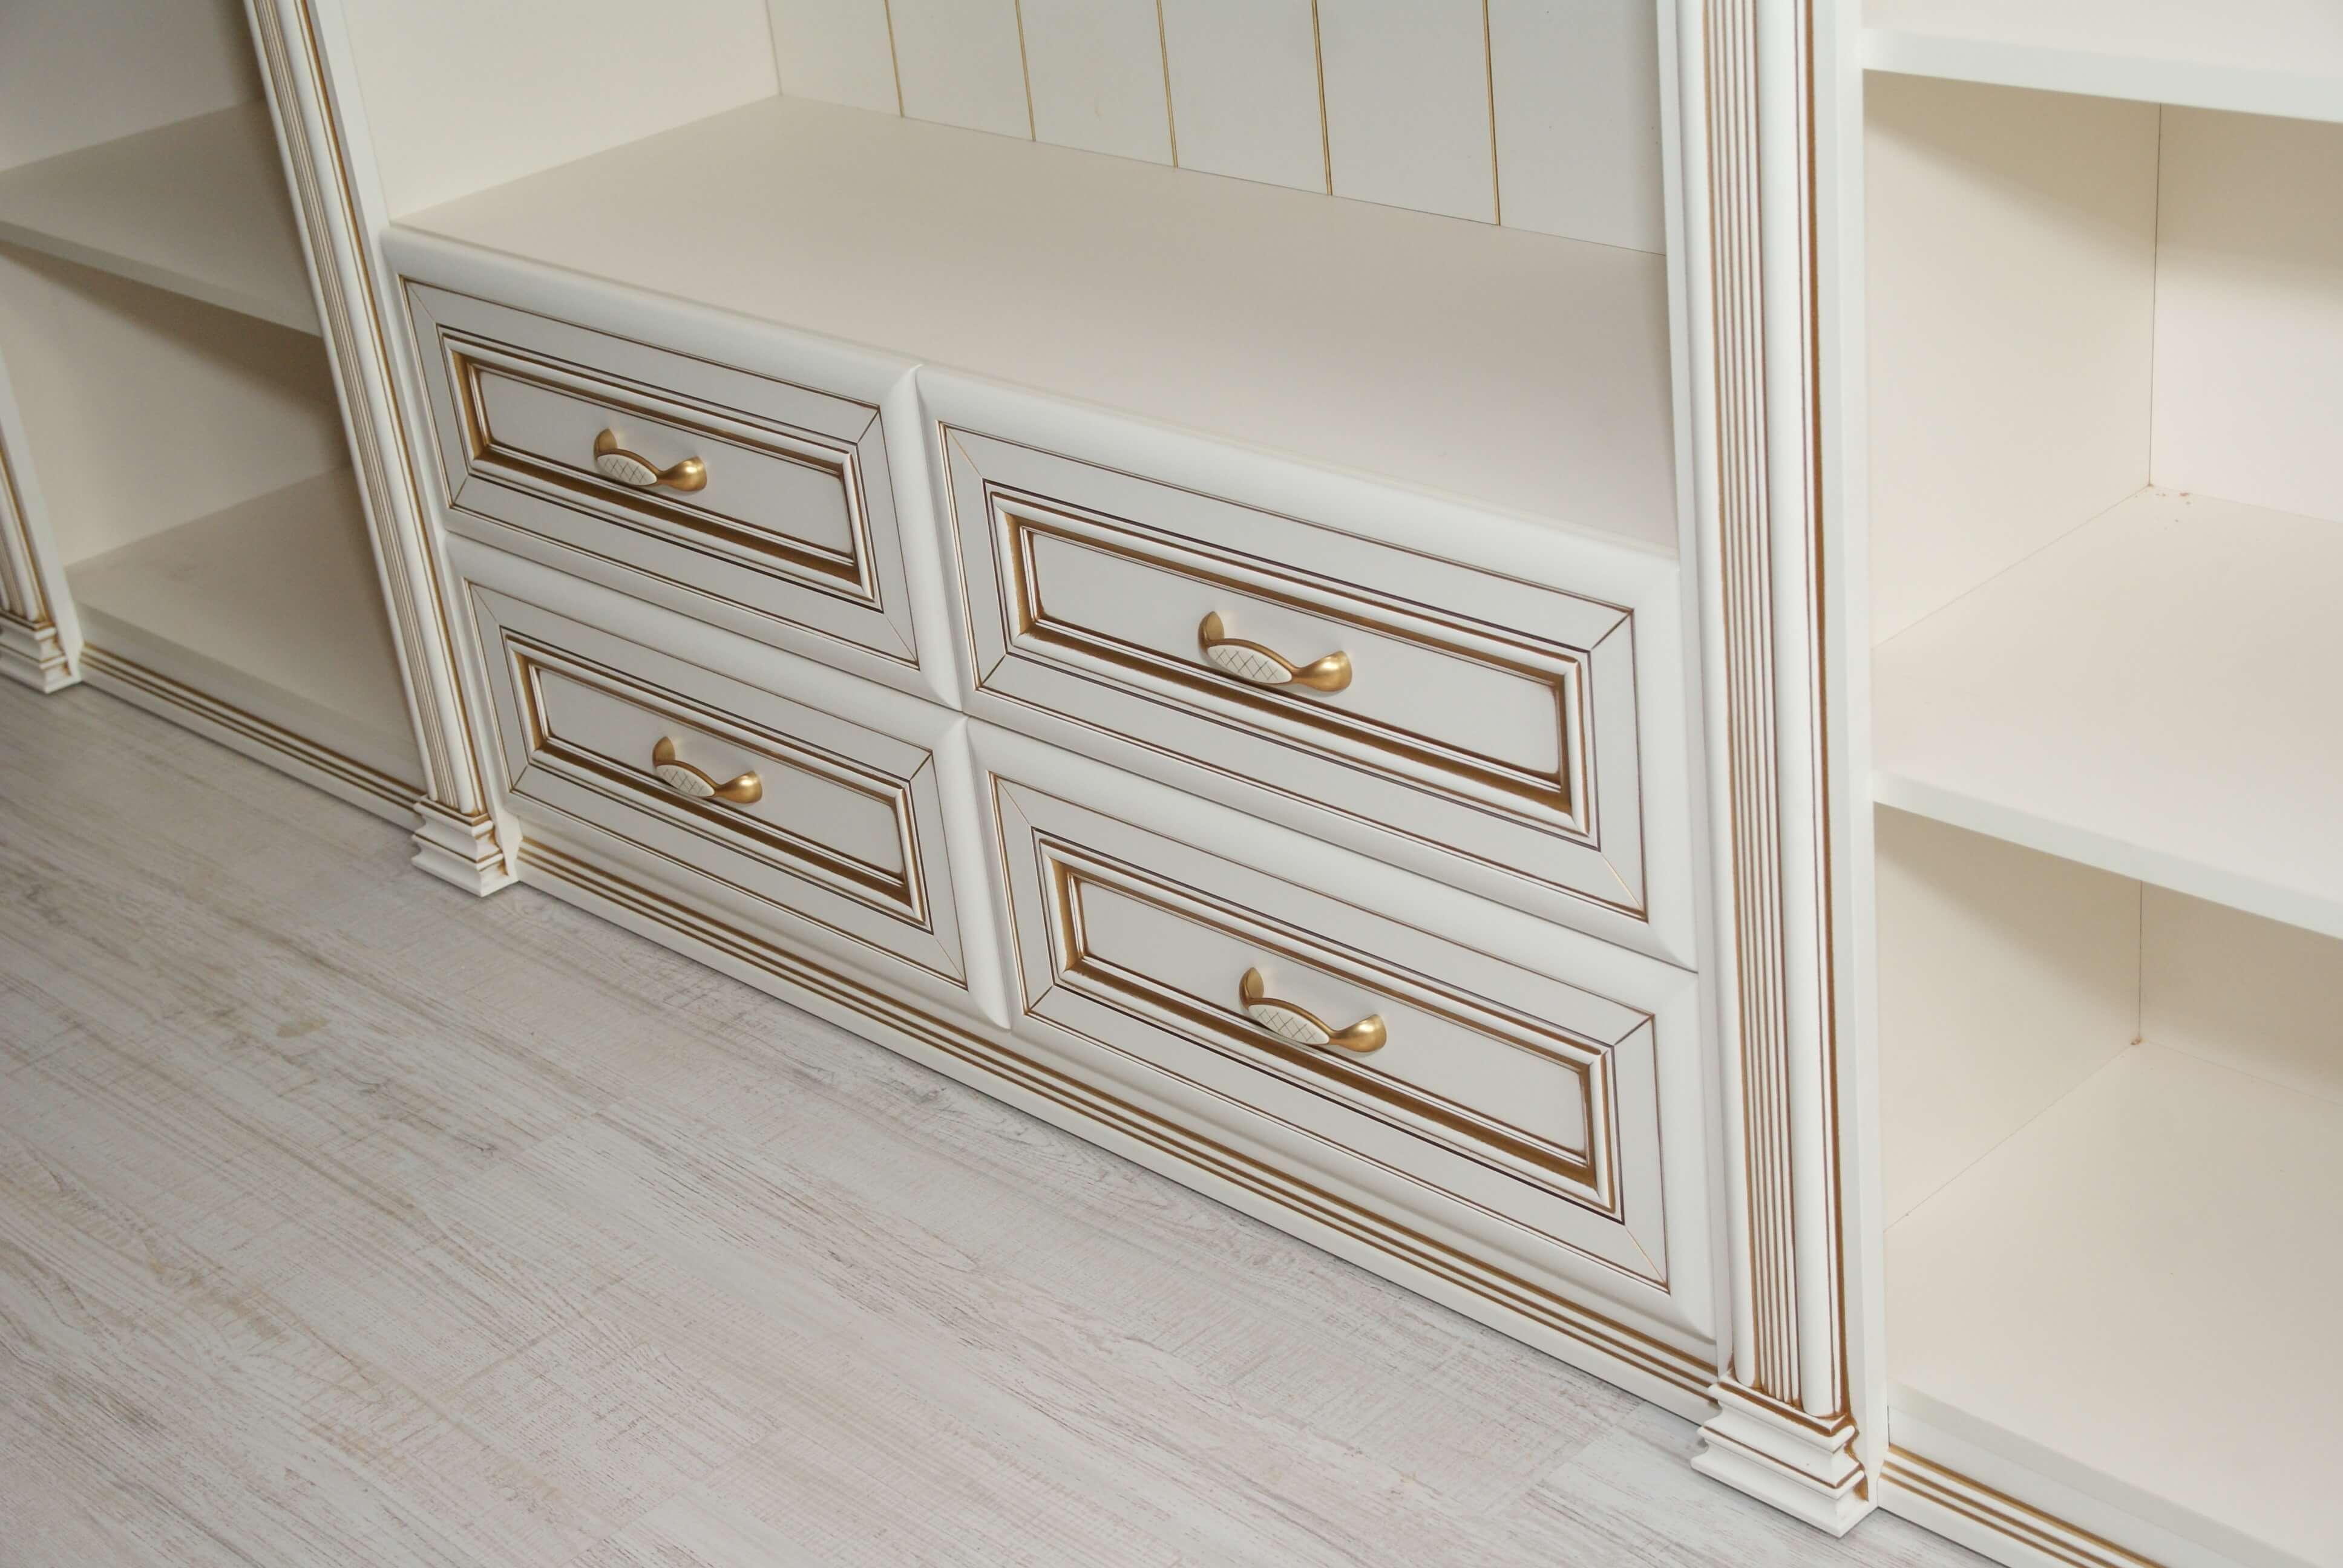 Шкаф Риальто классический белый с патина золото Риальто